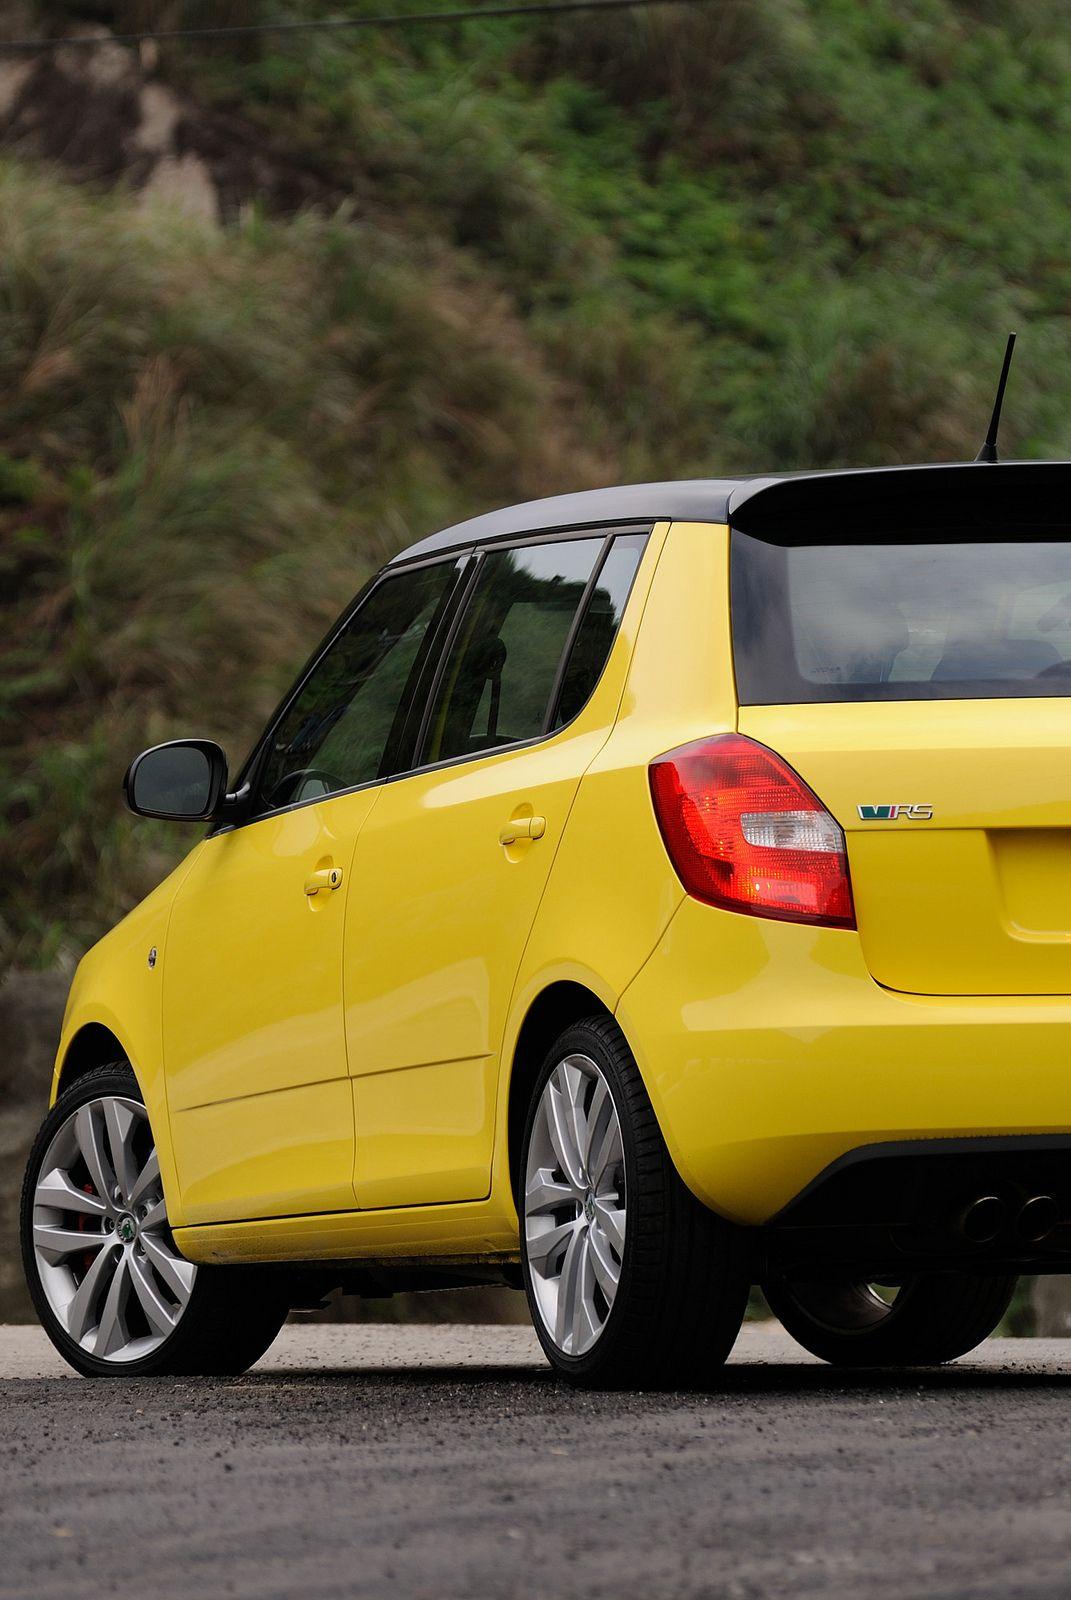 skoda fabia rs skoda pinterest skoda fabia cars and cars and Skoda Motors skoda fabia rs yellow car